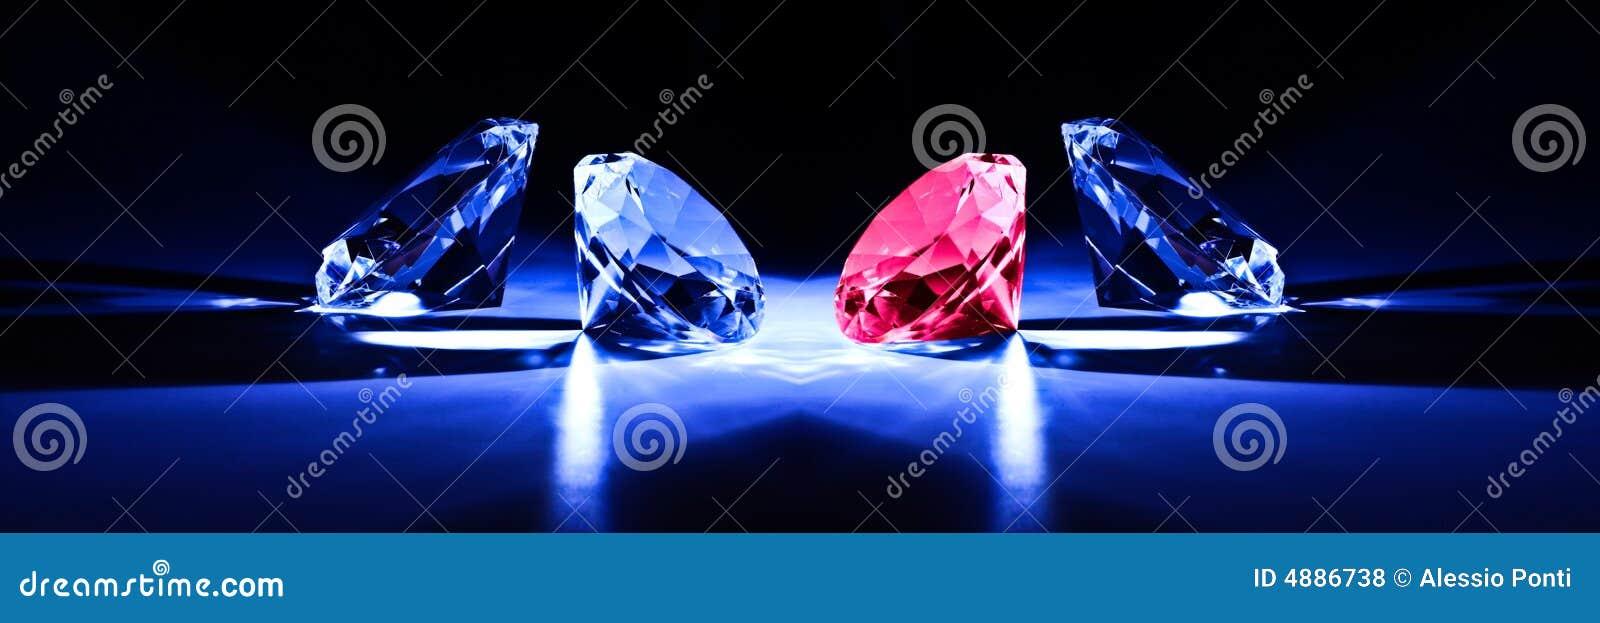 Diamonds close-up metaphor